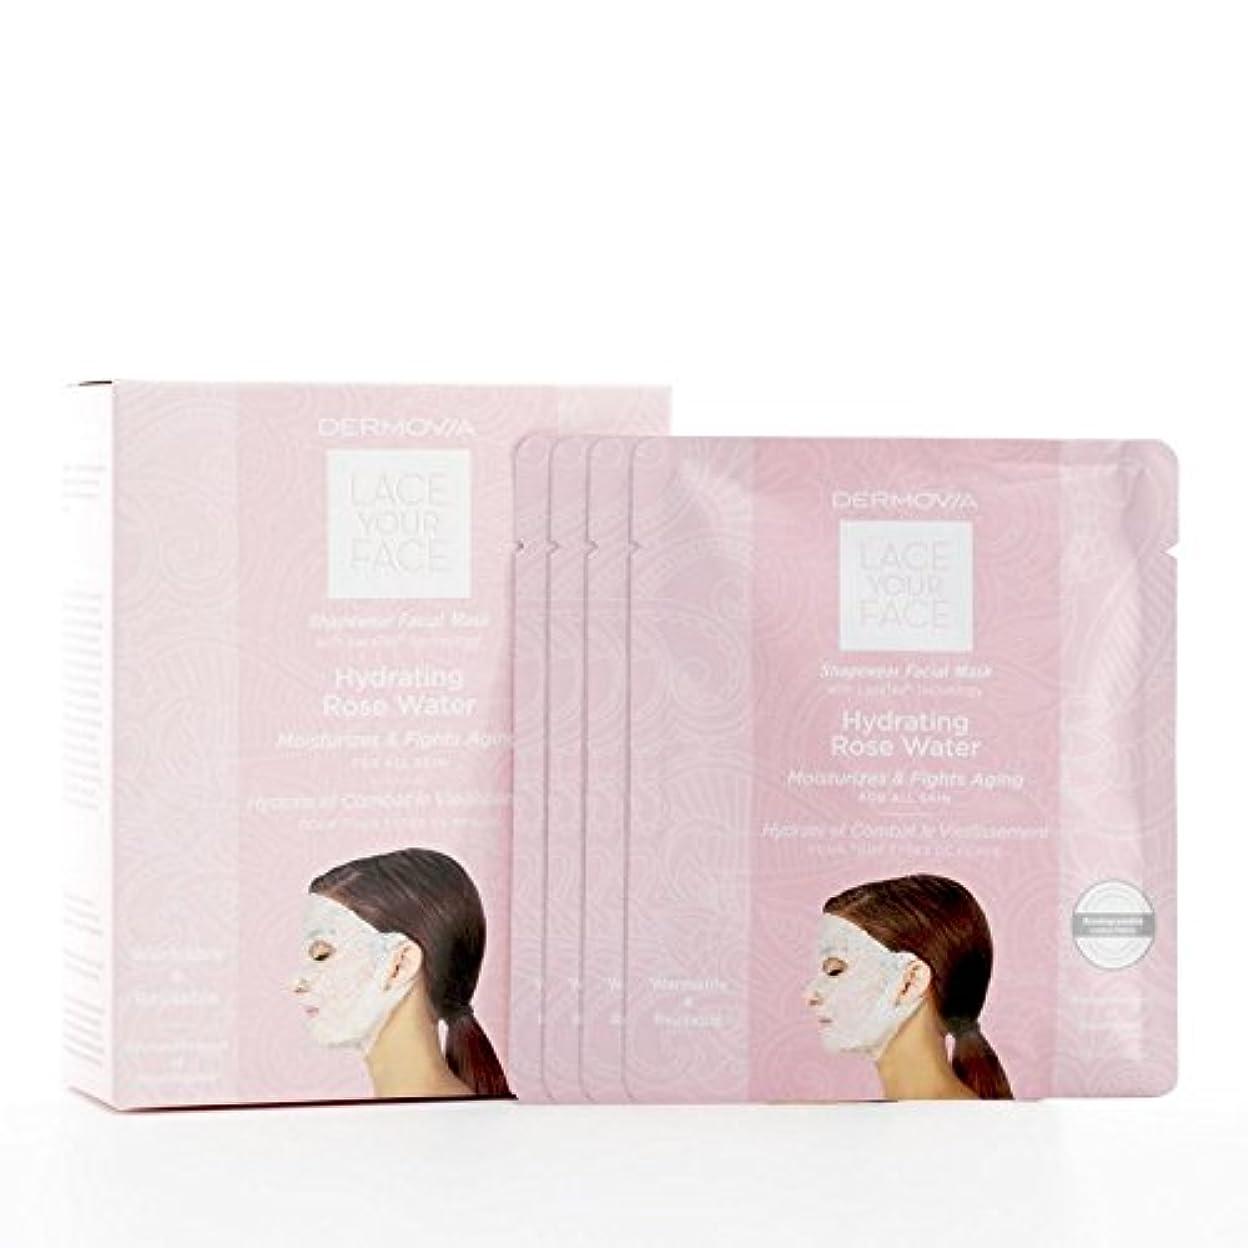 件名蘇生する空気は、あなたの顔の圧縮フェイシャルマスク水和が水をバラレース x2 - Dermovia Lace Your Face Compression Facial Mask Hydrating Rose Water (Pack...